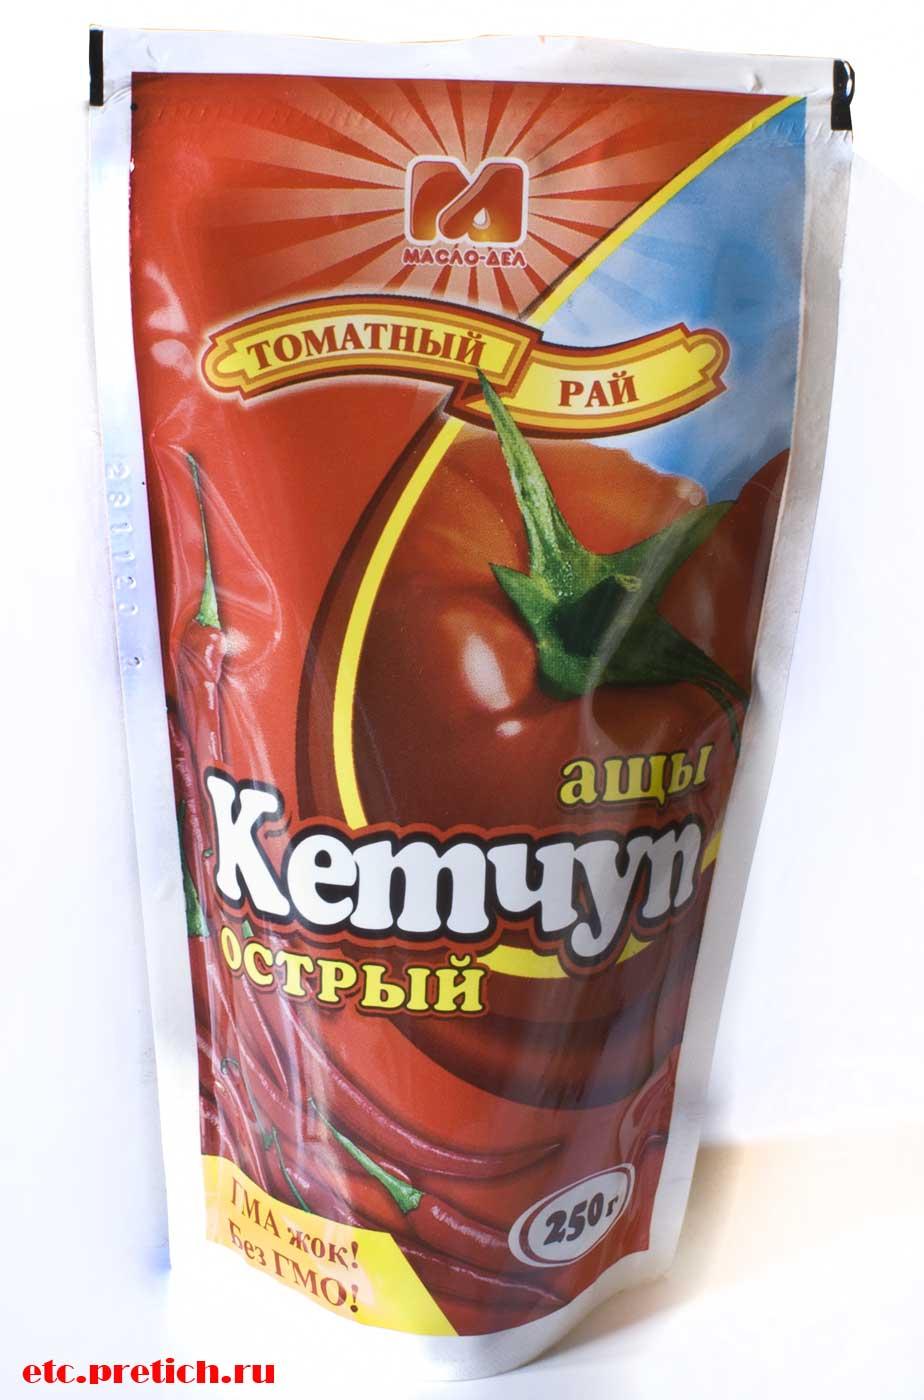 Кетчуп острый МАСЛО-ДЕЛ сделано в Казахстане отзыв и впечатление